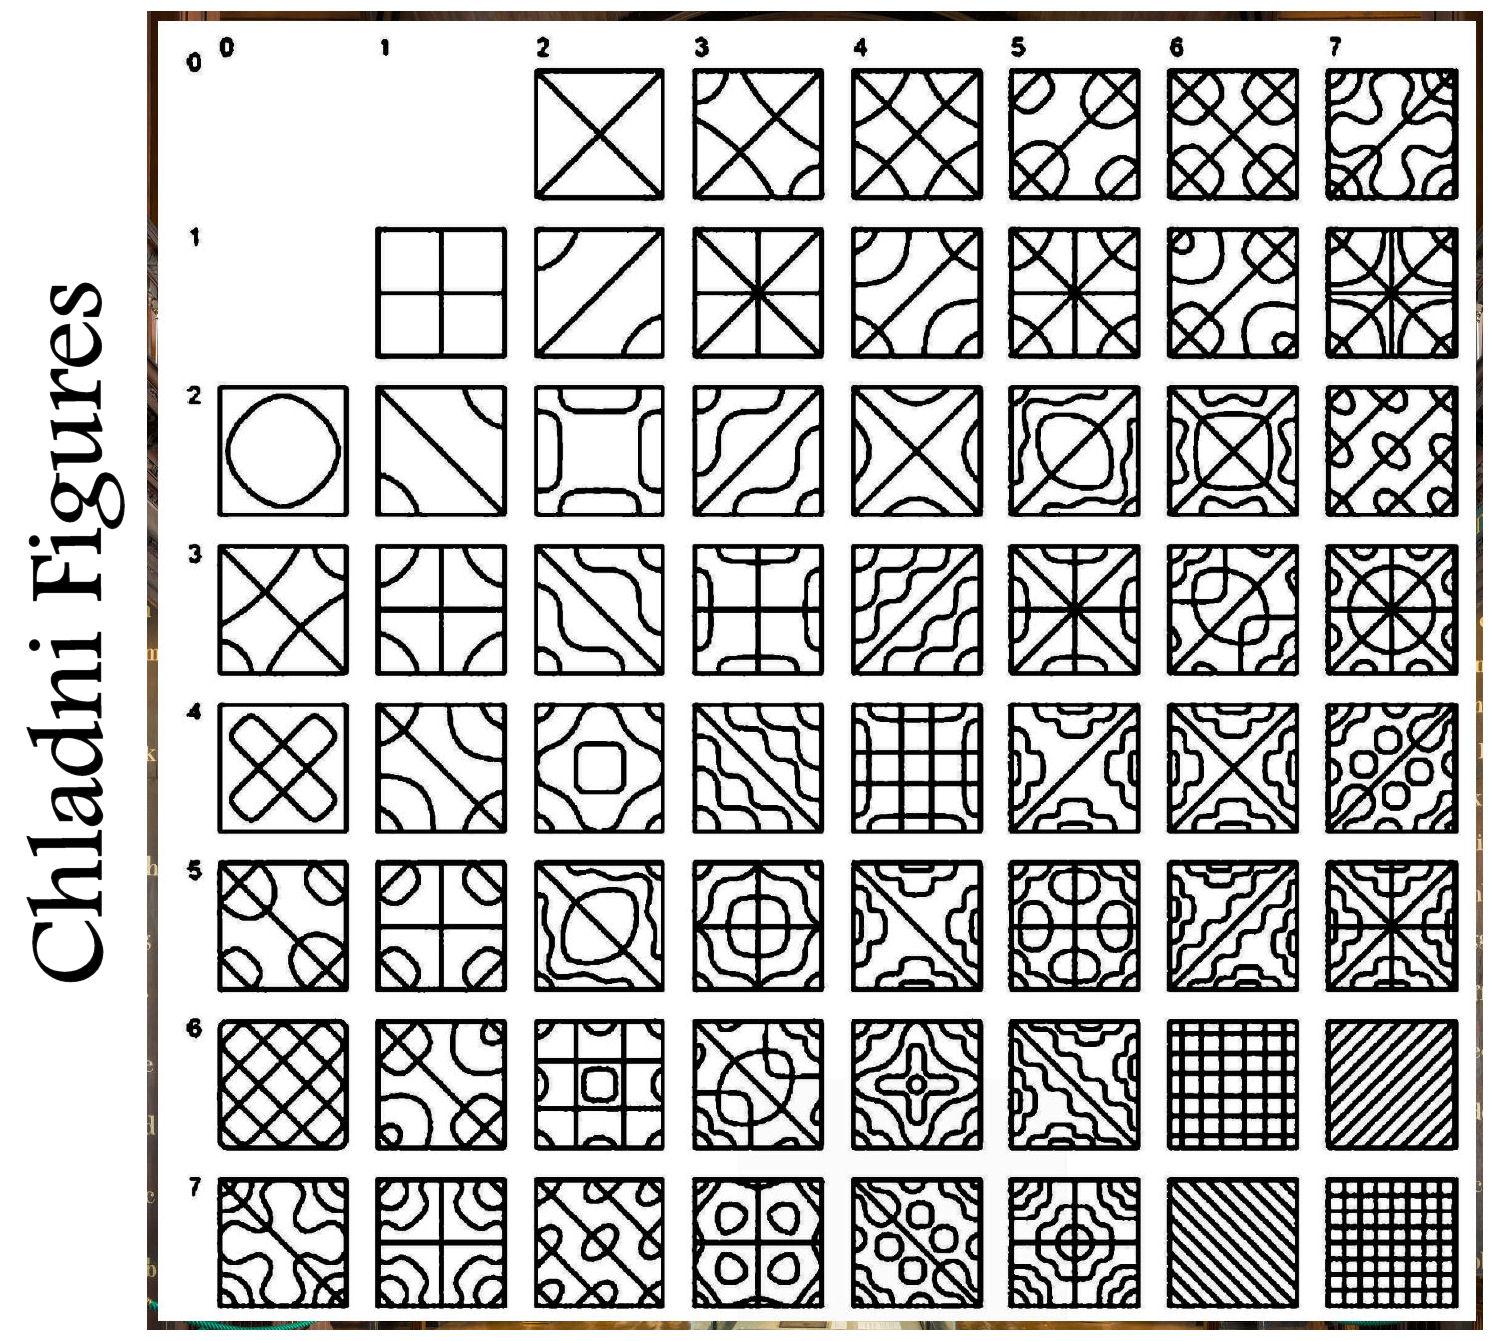 table-of-chaldni-figures-square-source-steven-lehar.jpg